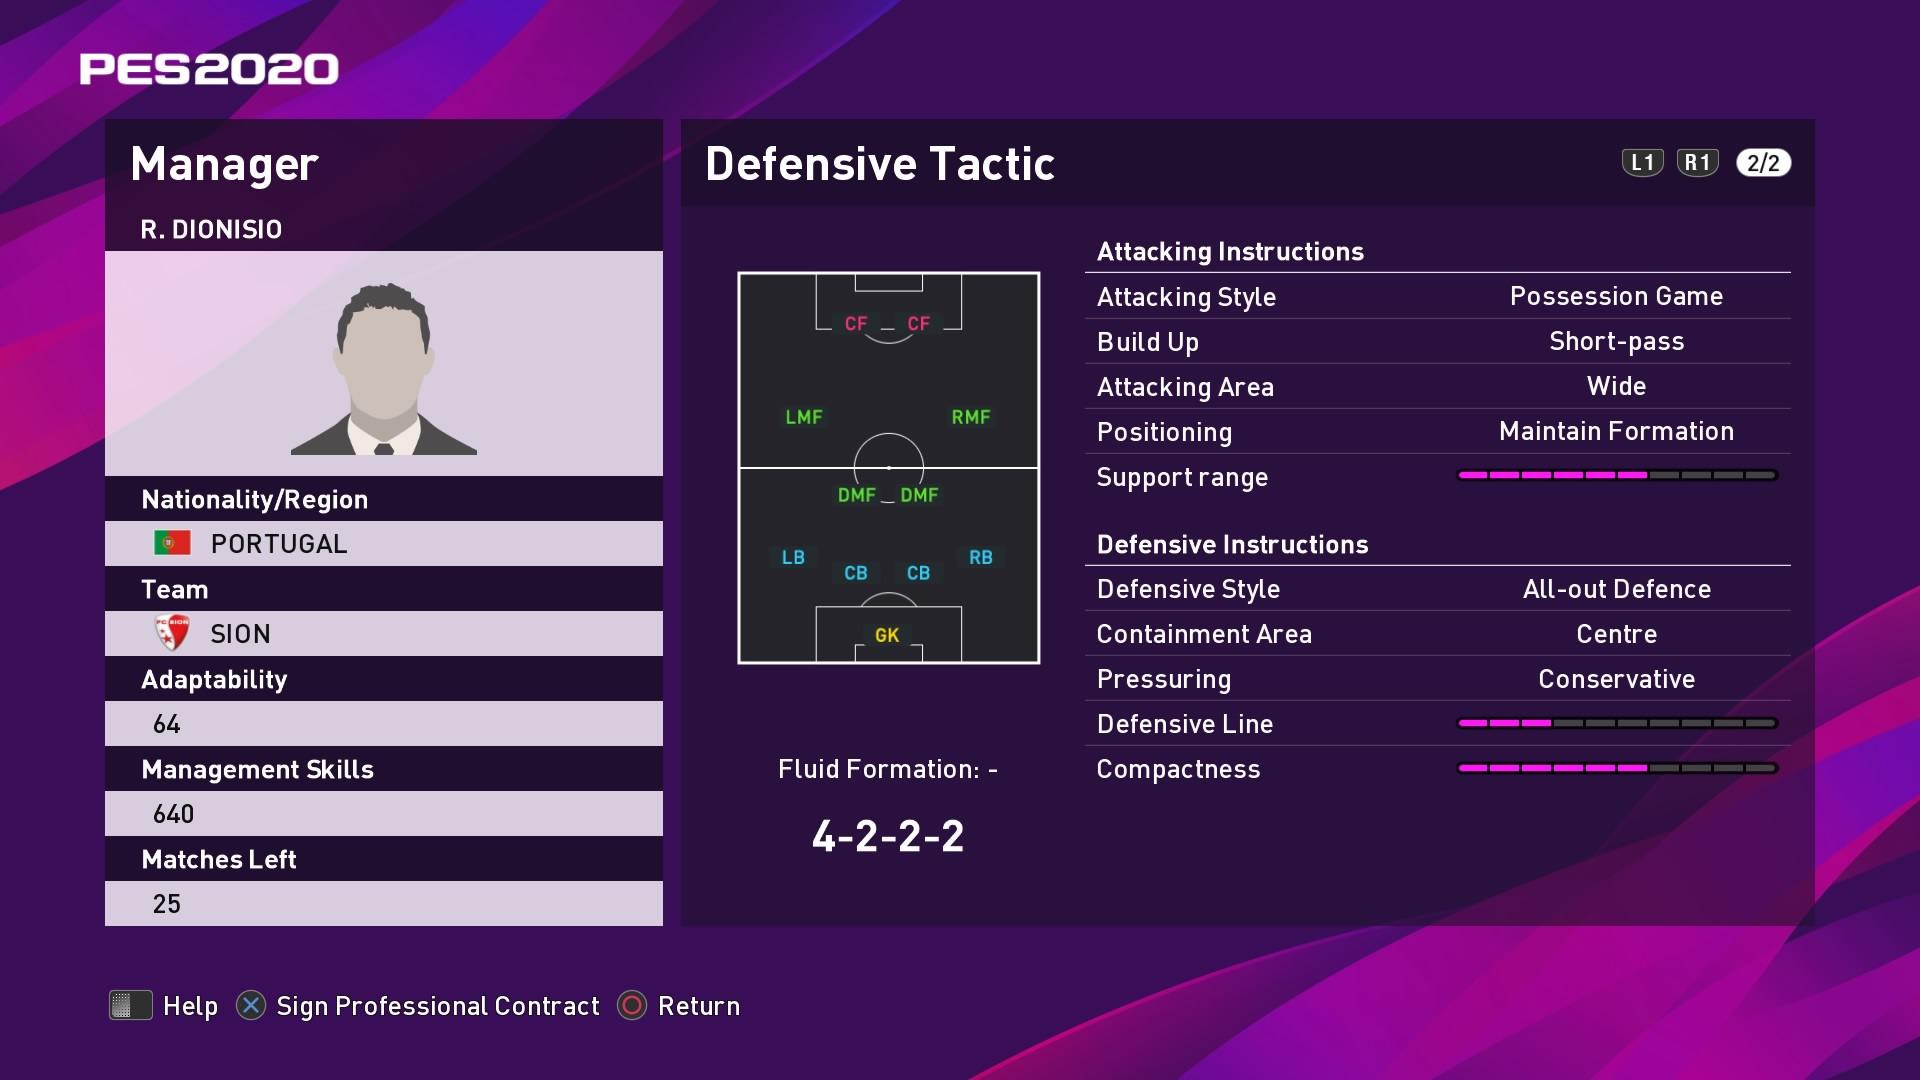 R. Dionisio (Ricardo Dionísio) Defensive Tactic in PES 2020 myClub